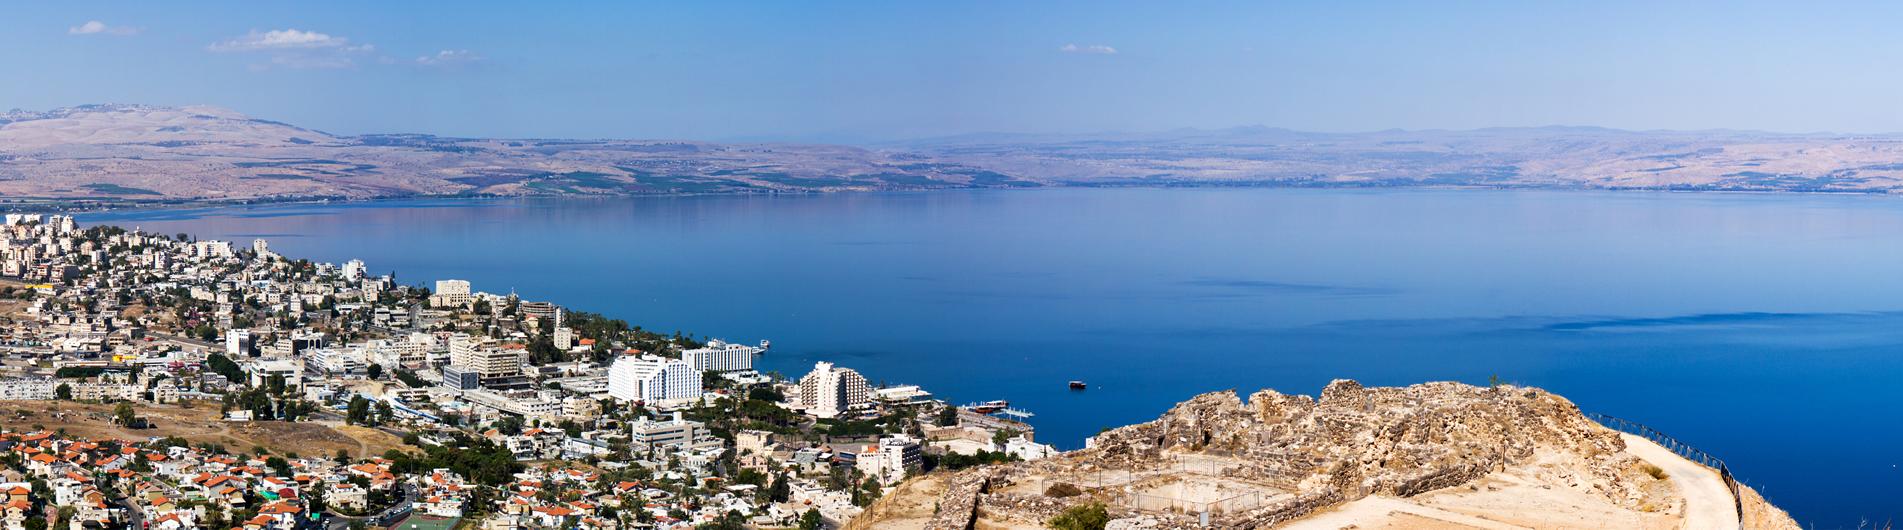 Tiberias, Israel Holidays